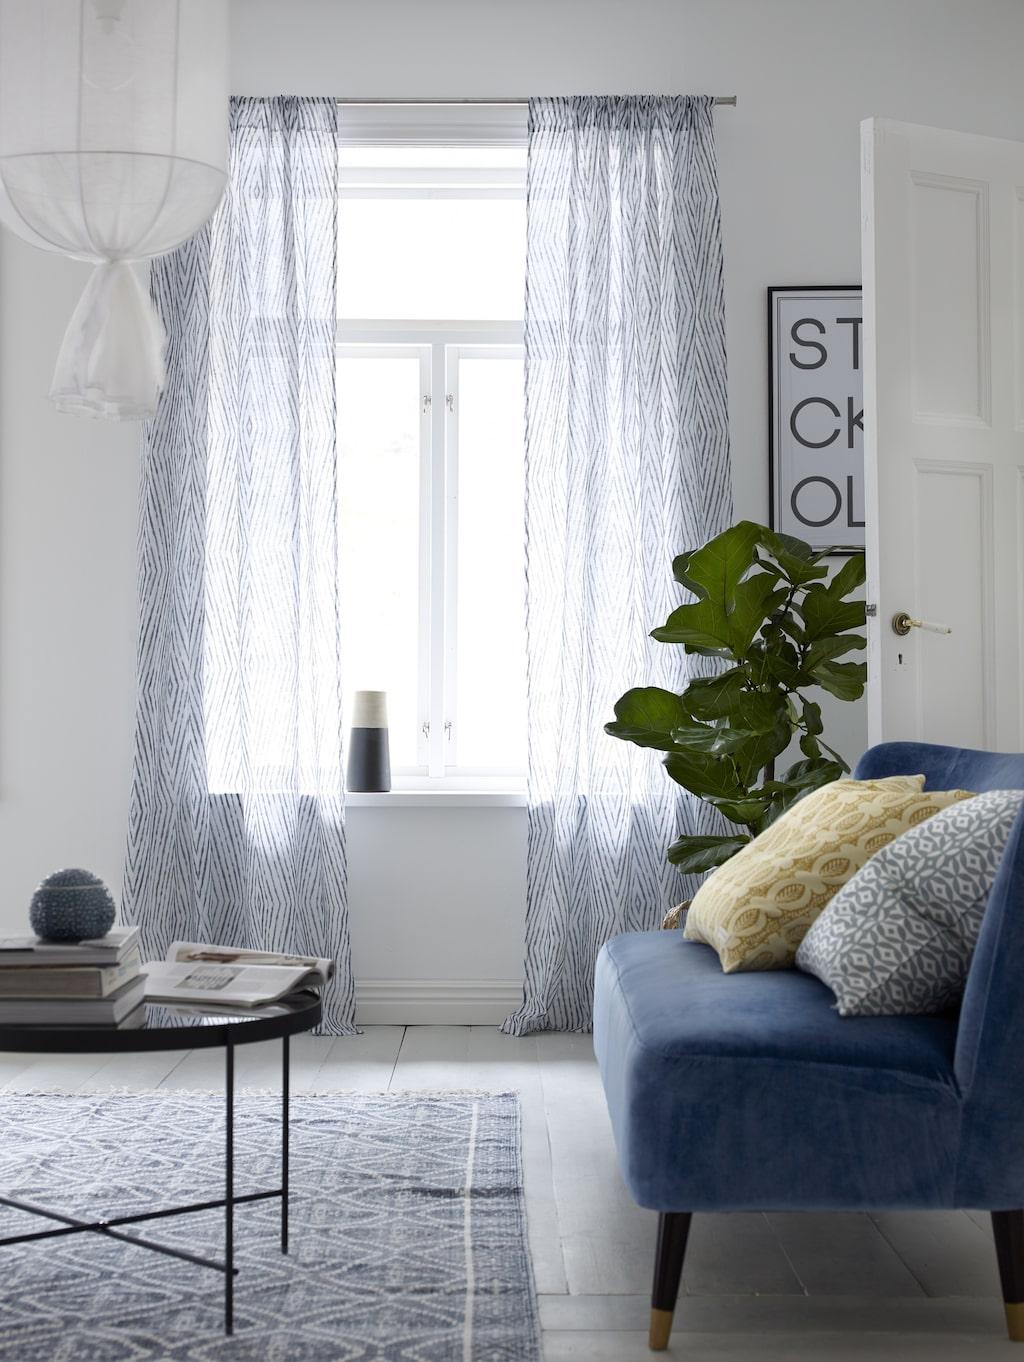 Det trendiga blåa i soffan matchas med grått, och linne runt lampan.